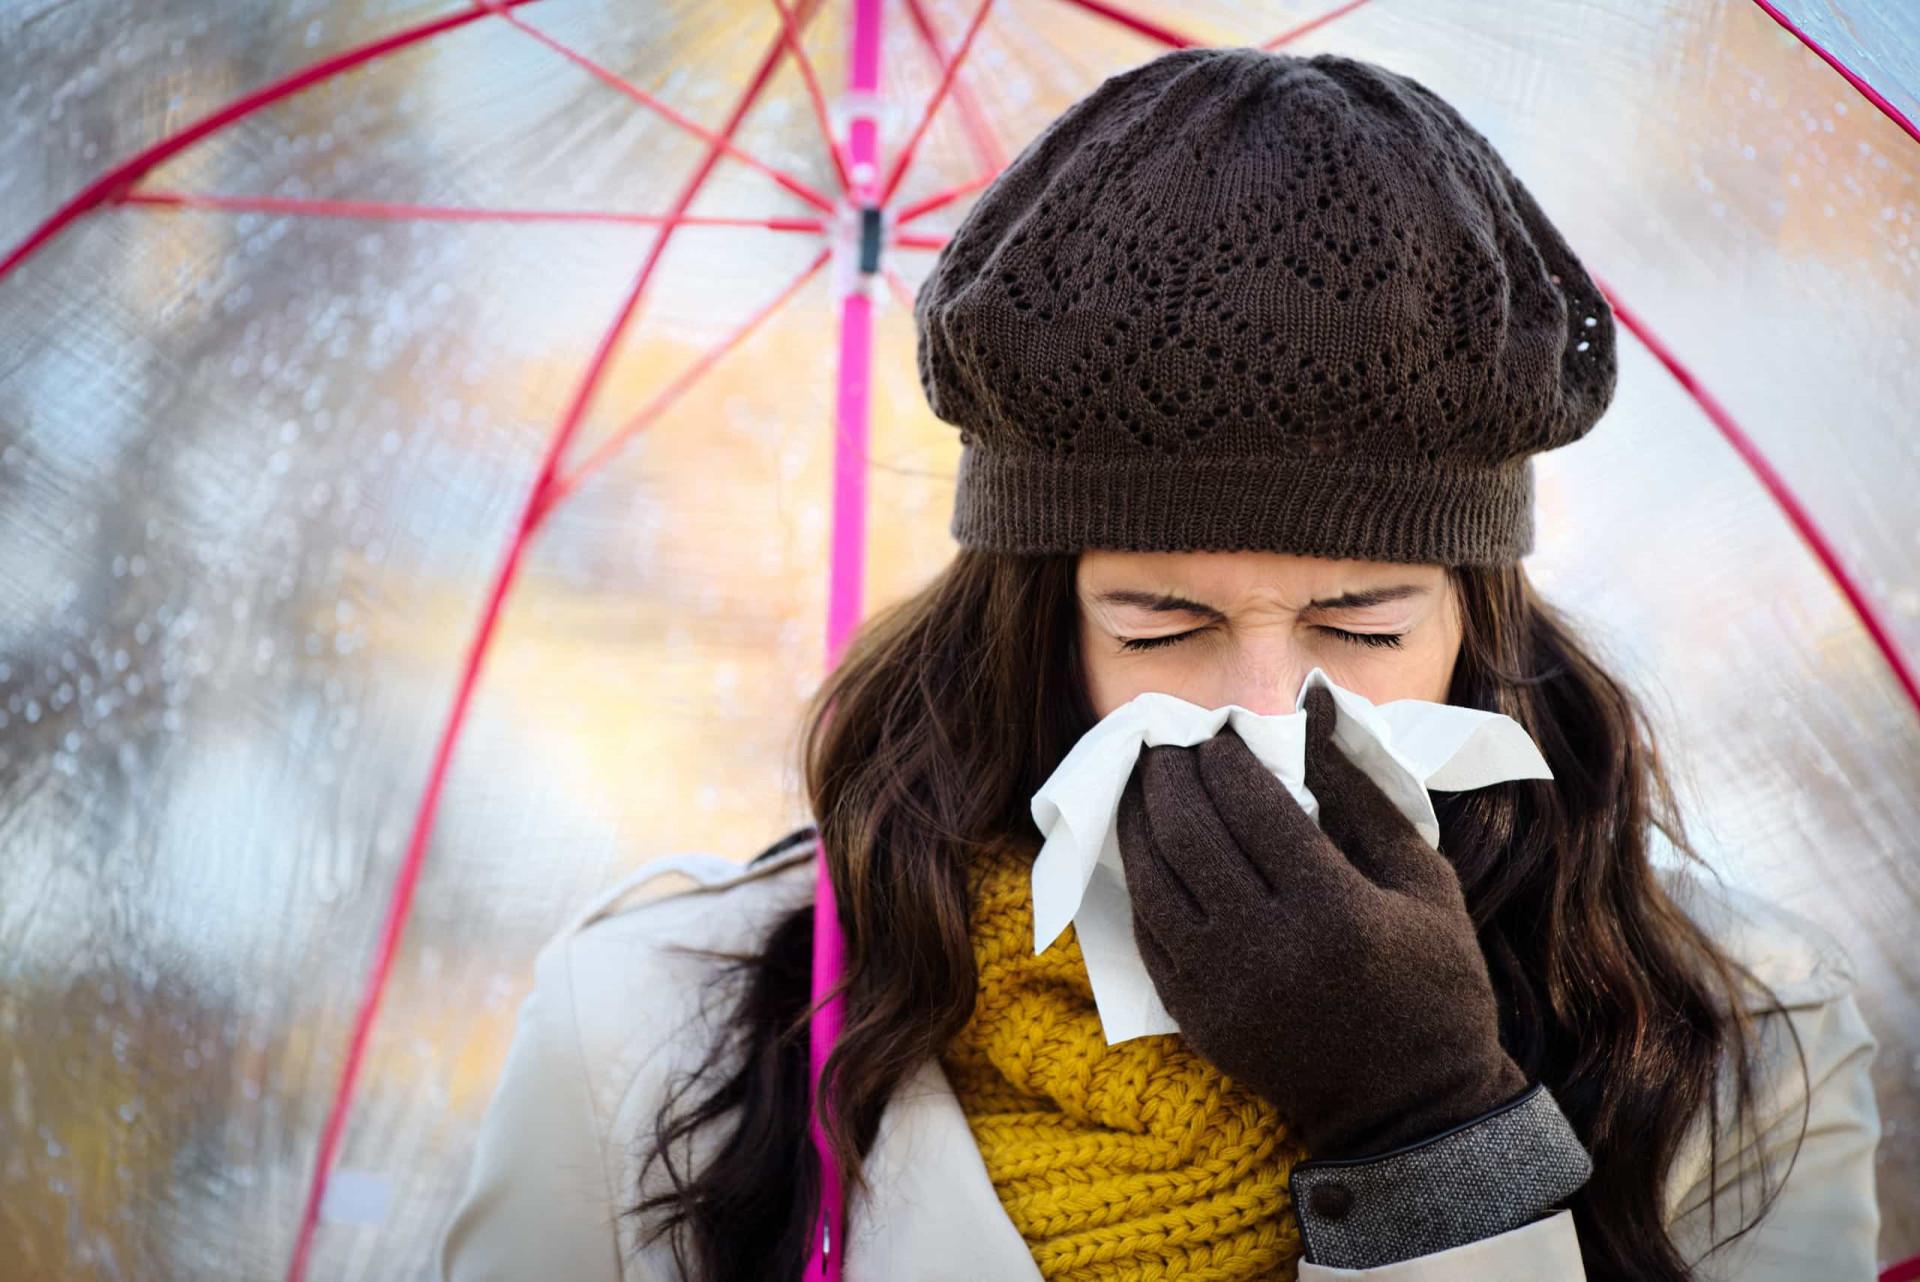 Flunssakausi